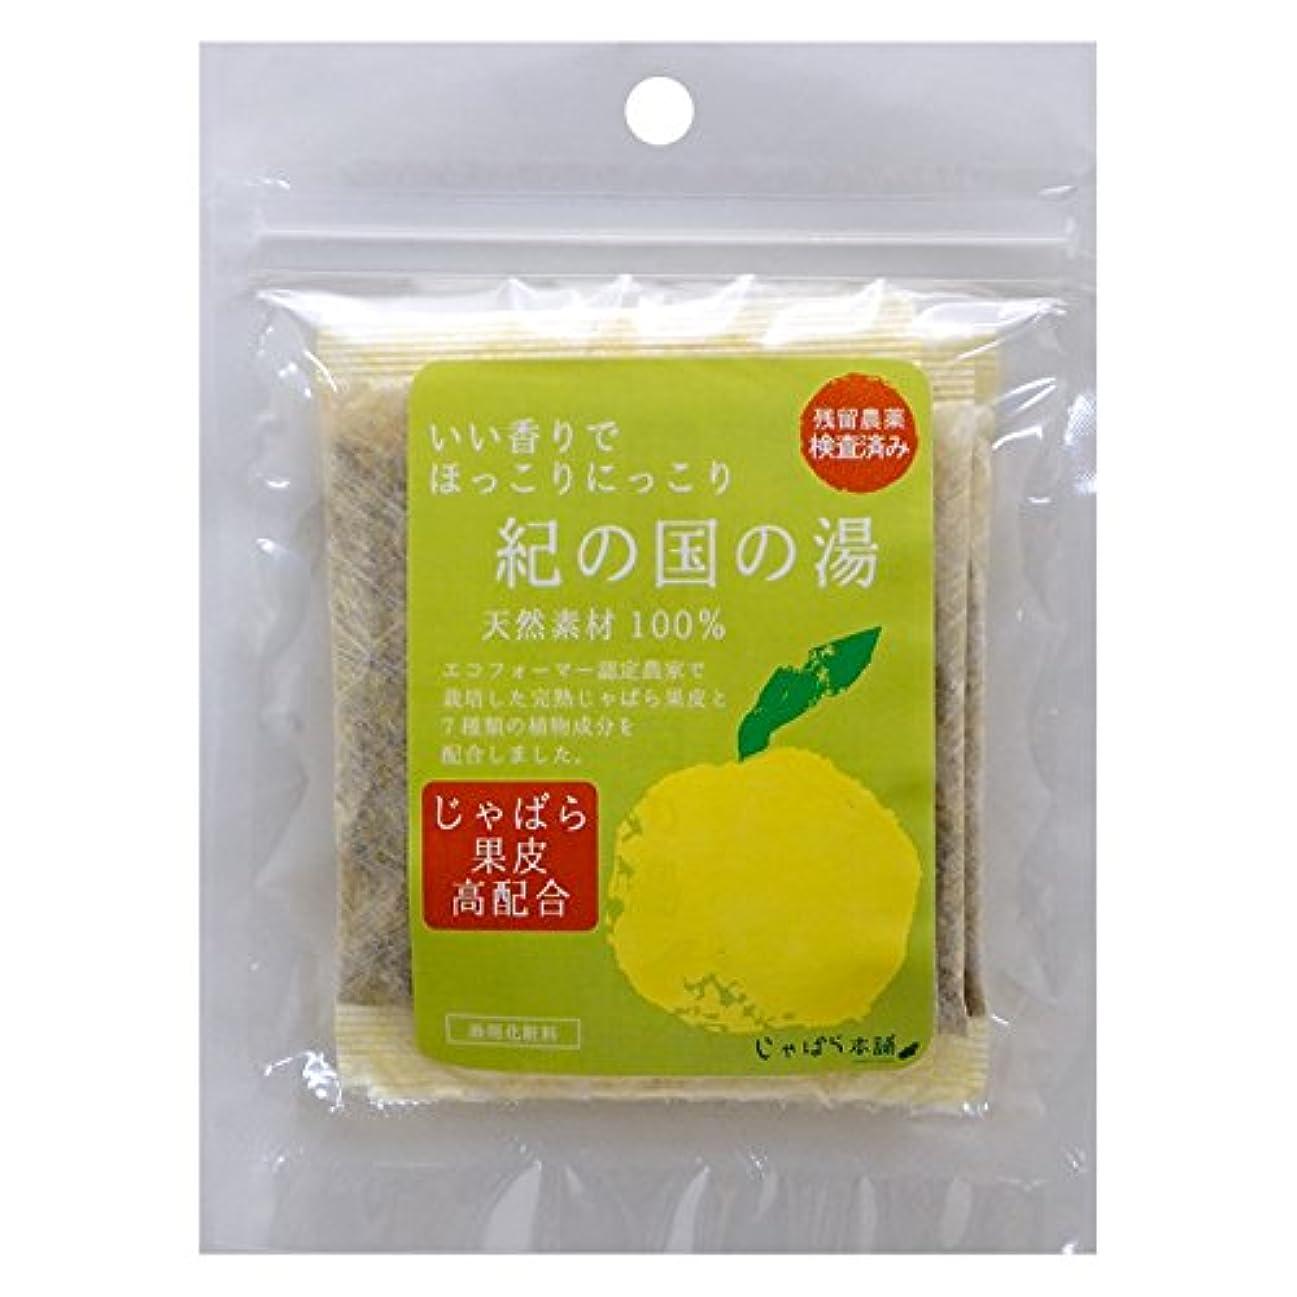 ルーム称賛ゴールじゃばら果皮入りの入浴剤 「紀の国の湯」 1袋(15g×3包入り)